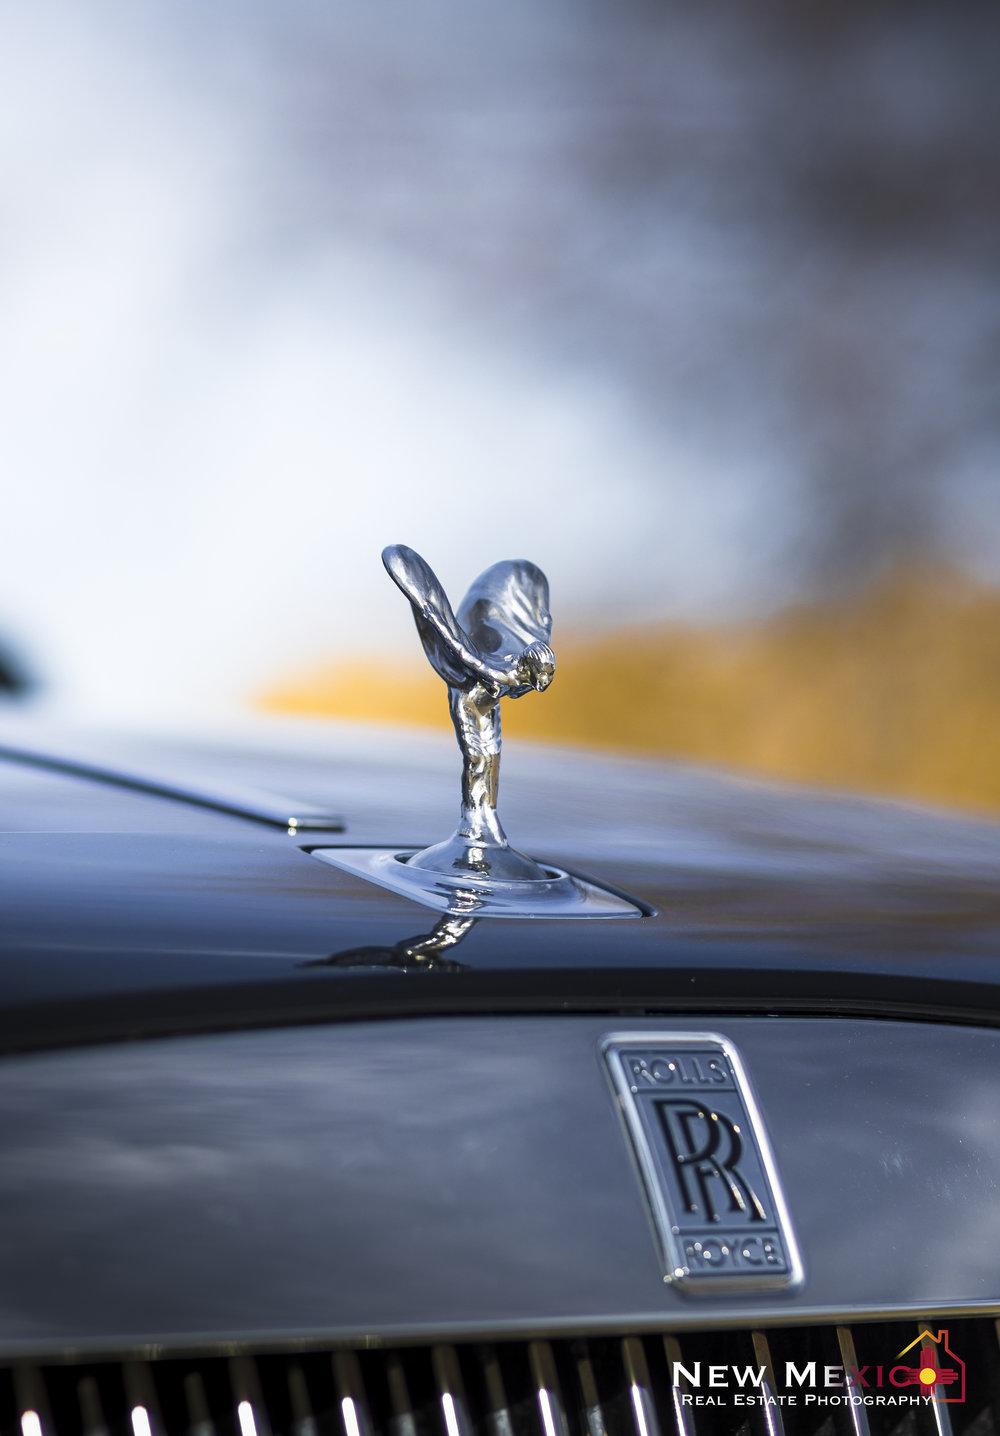 Rolls Royce NMREP Watermark.jpg